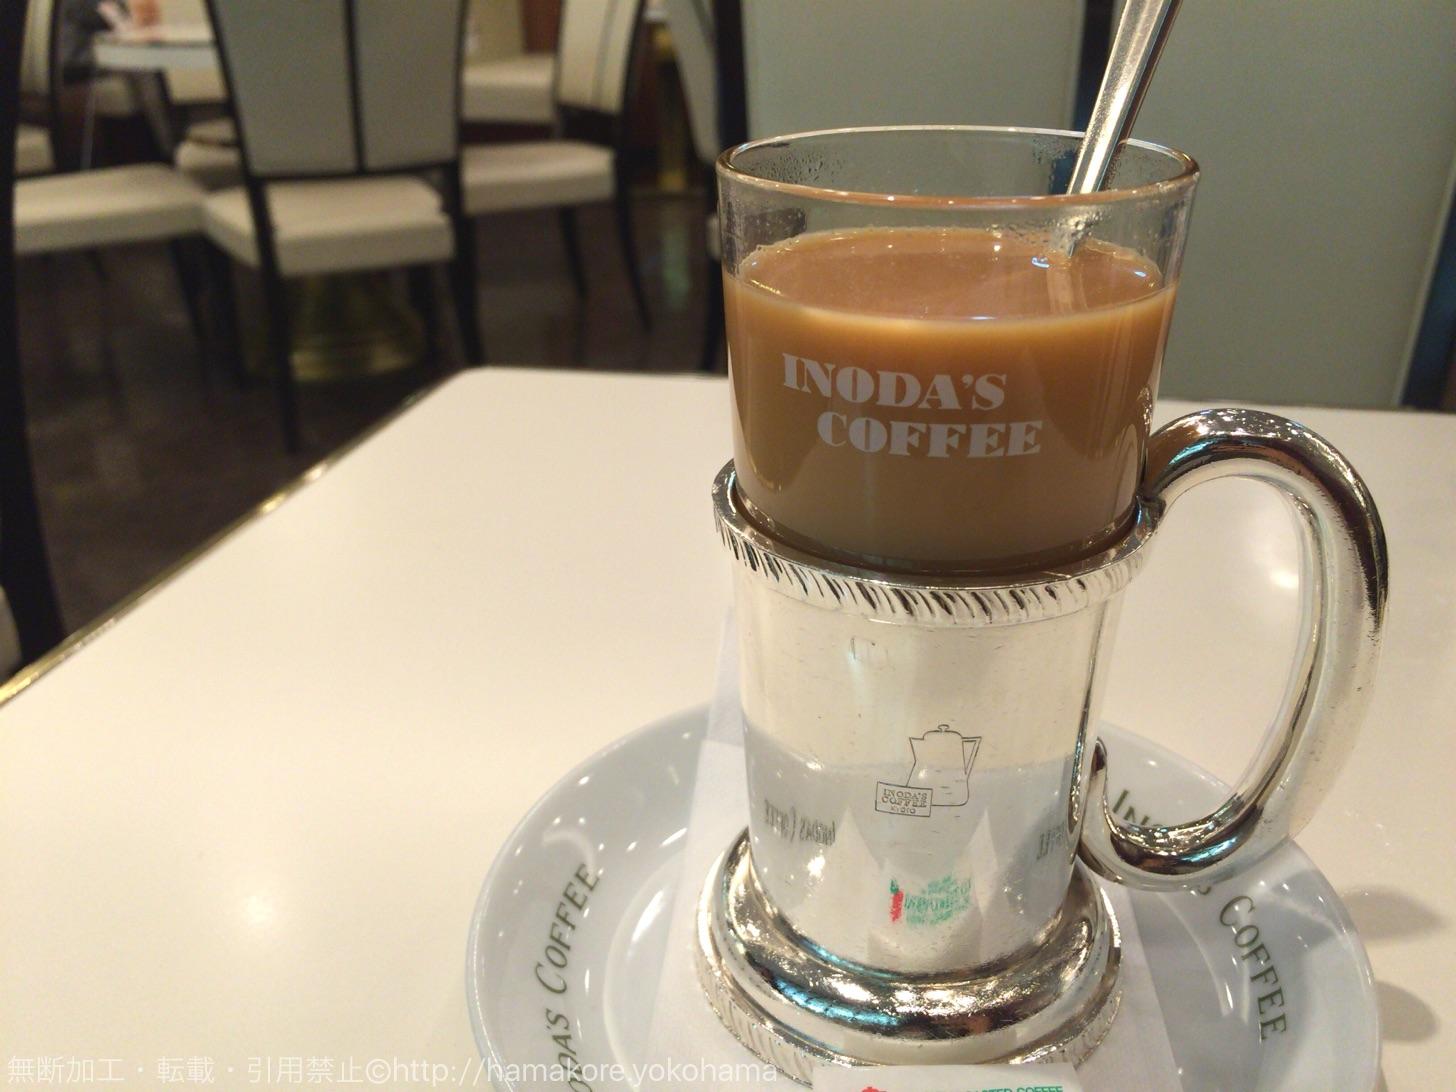 イノダコーヒー 横浜高島屋支店について